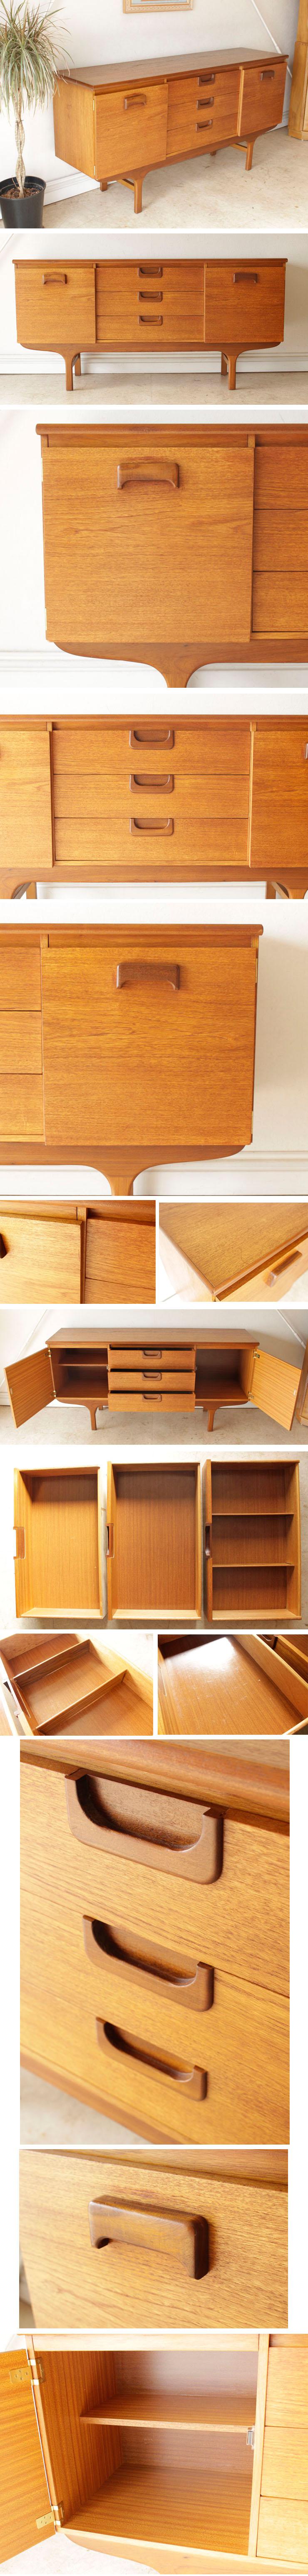 イギリス・サイドボード・チーク・テレビボード・収納・輸入家具・北欧・アンティーク